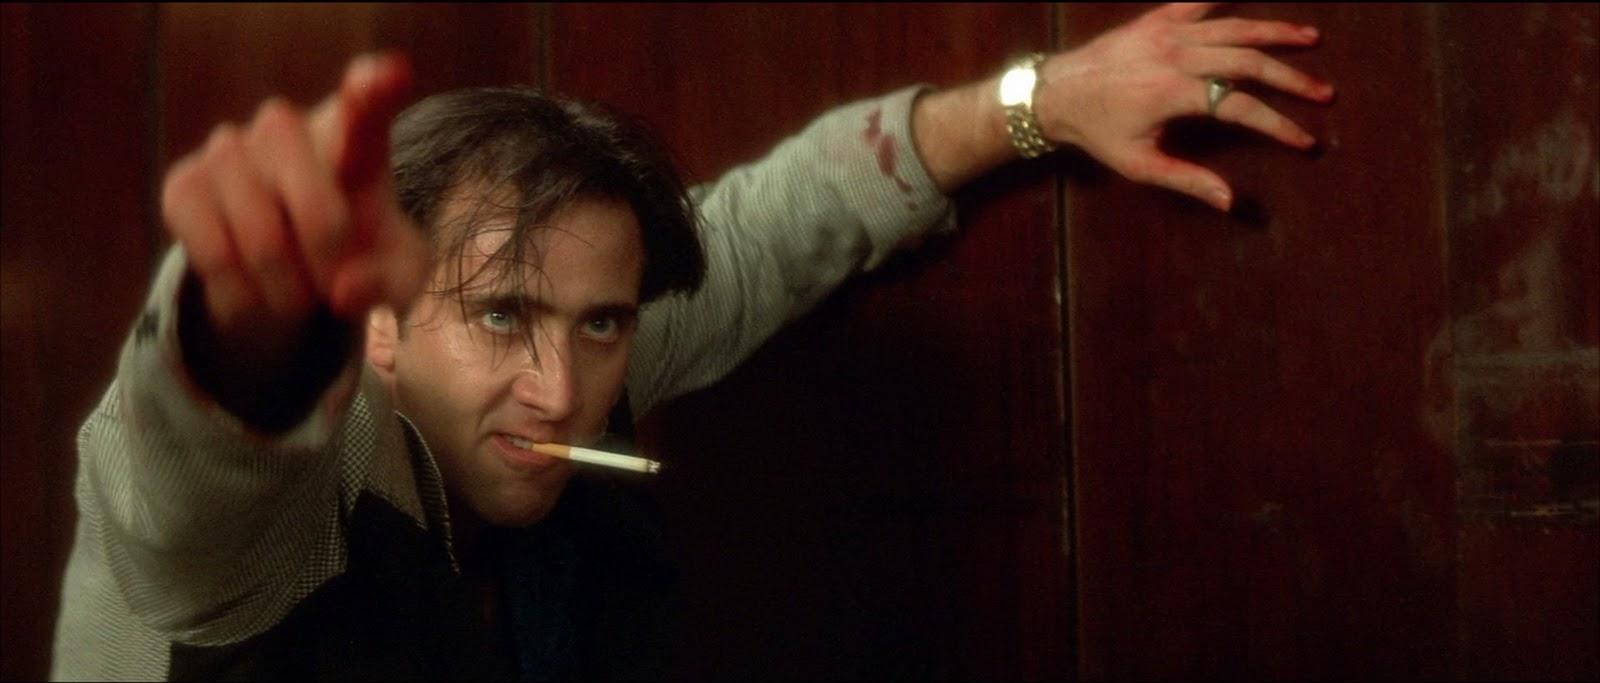 Nicolas Cage réalisateur films-horreur